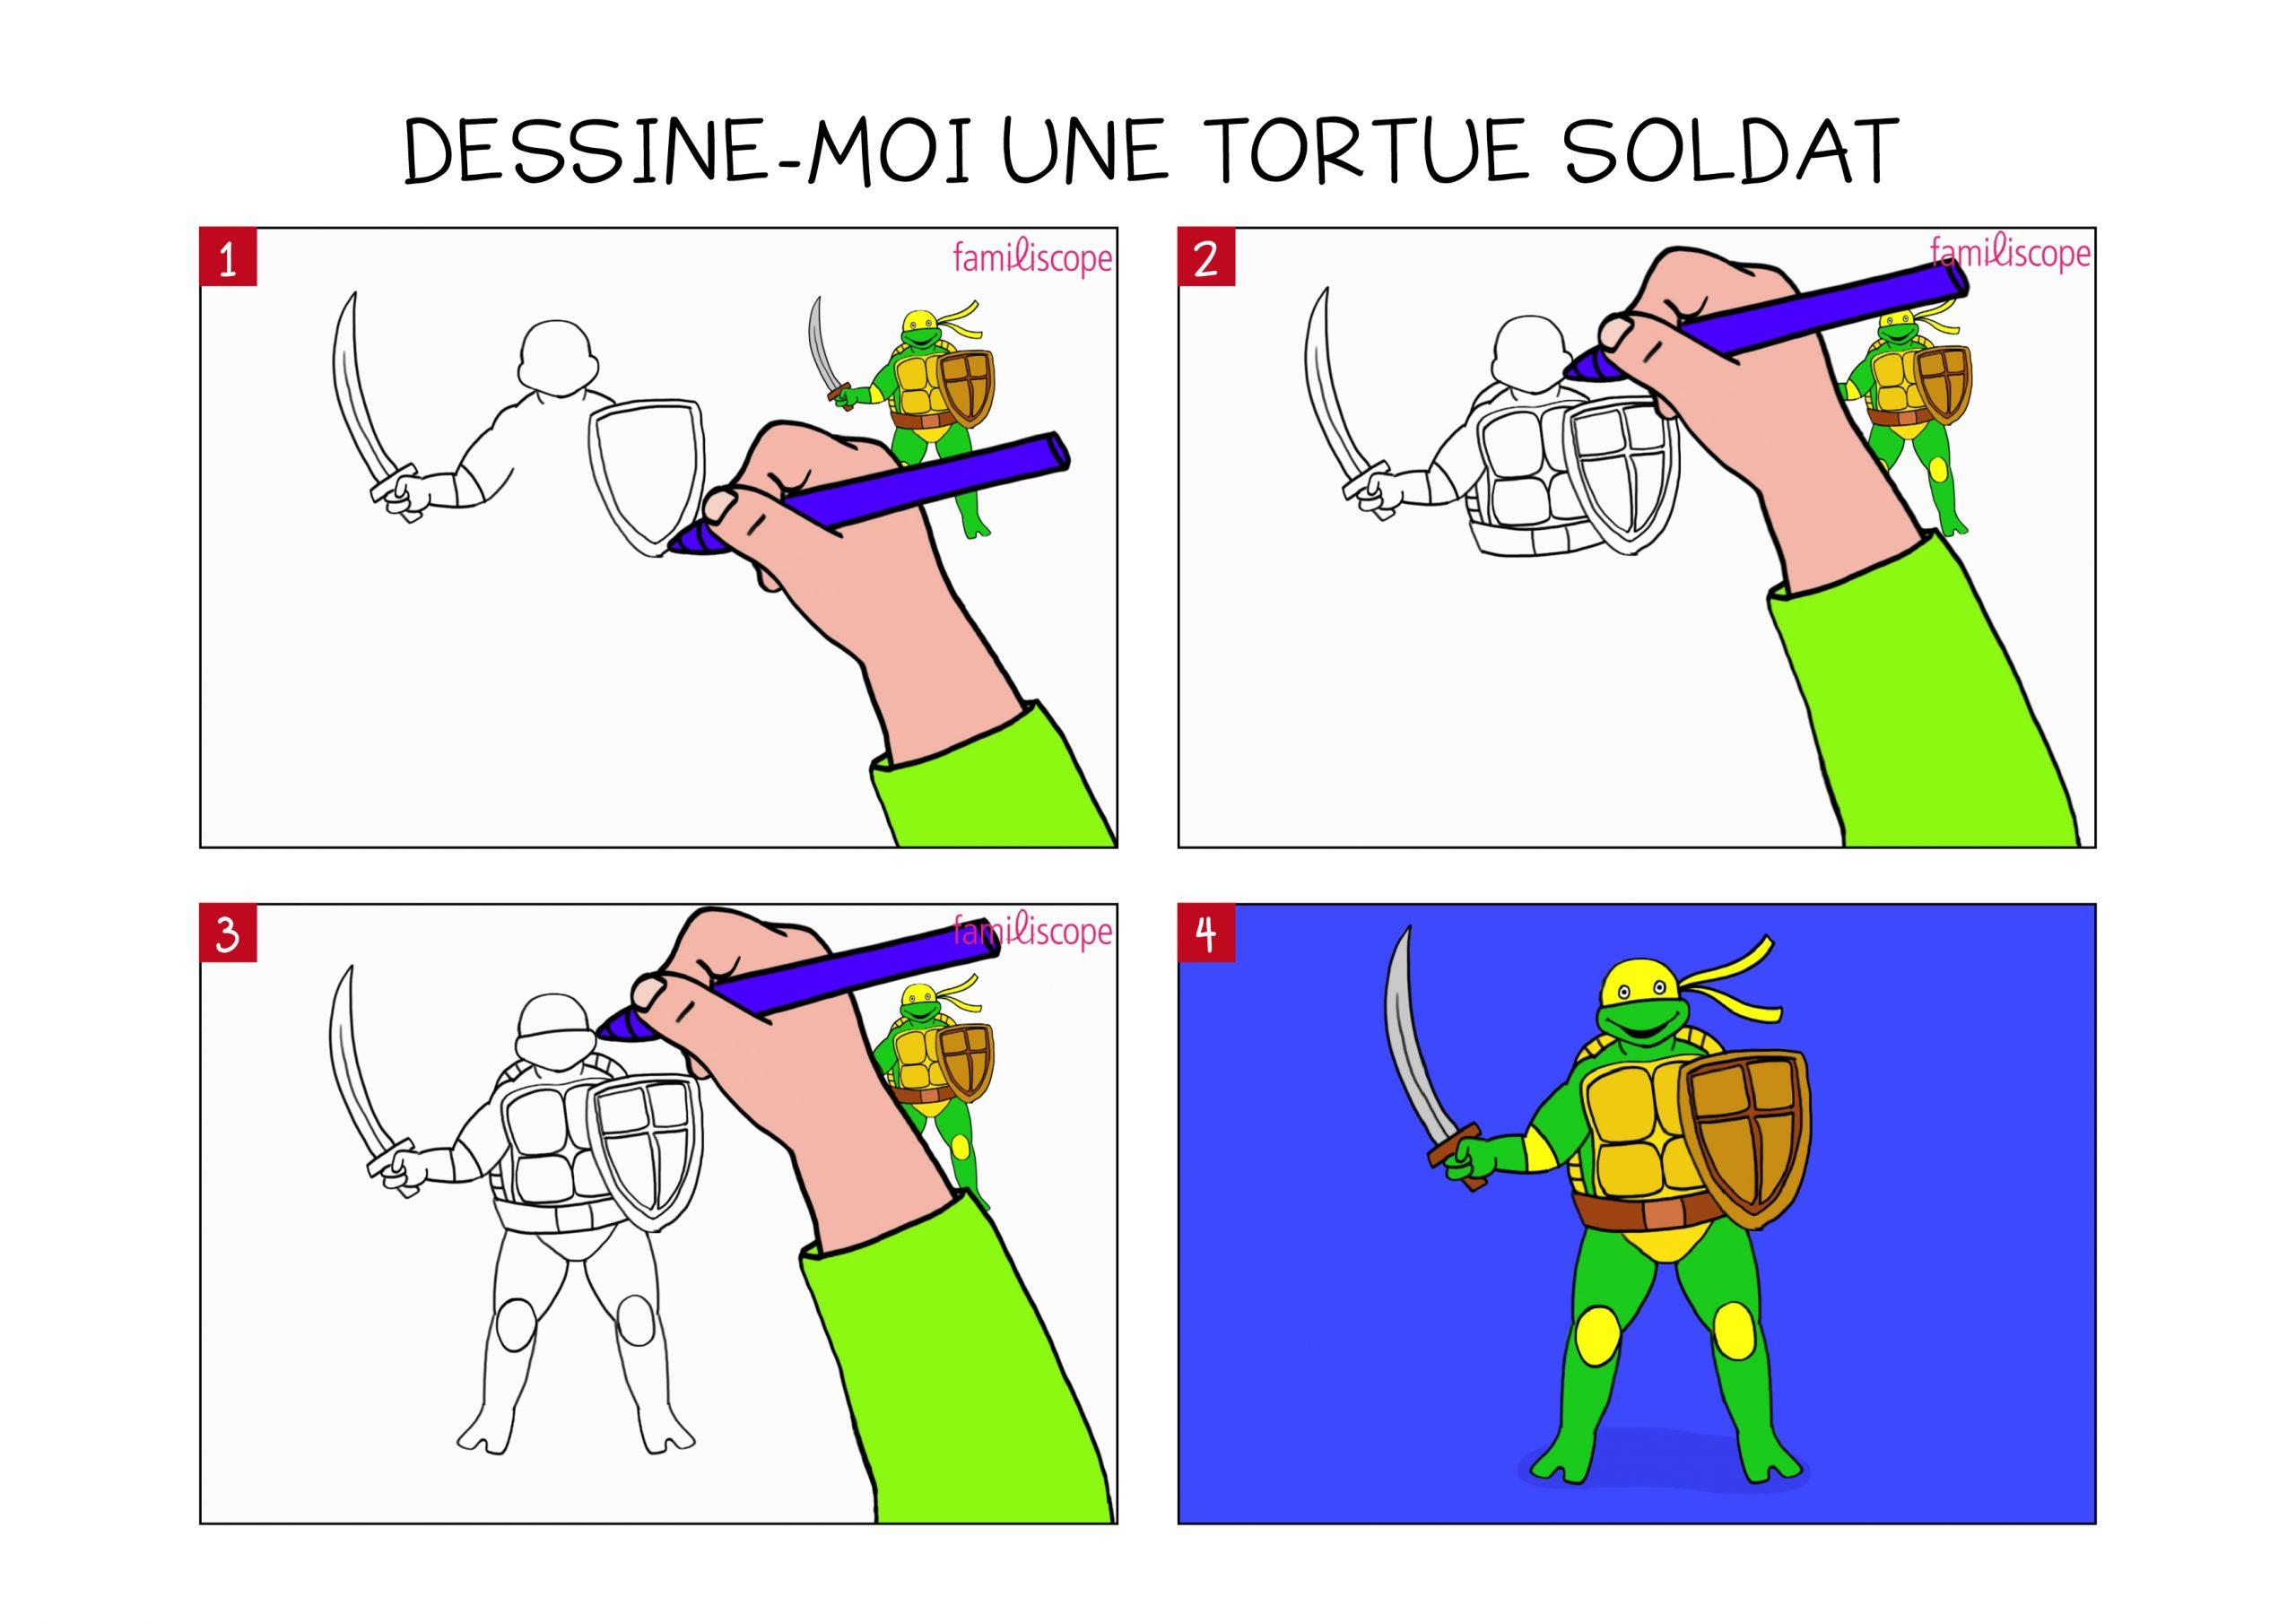 Apprendre À Dessiner Une Tortue Soldat En 3 Étapes à Dessiner Une Tortue